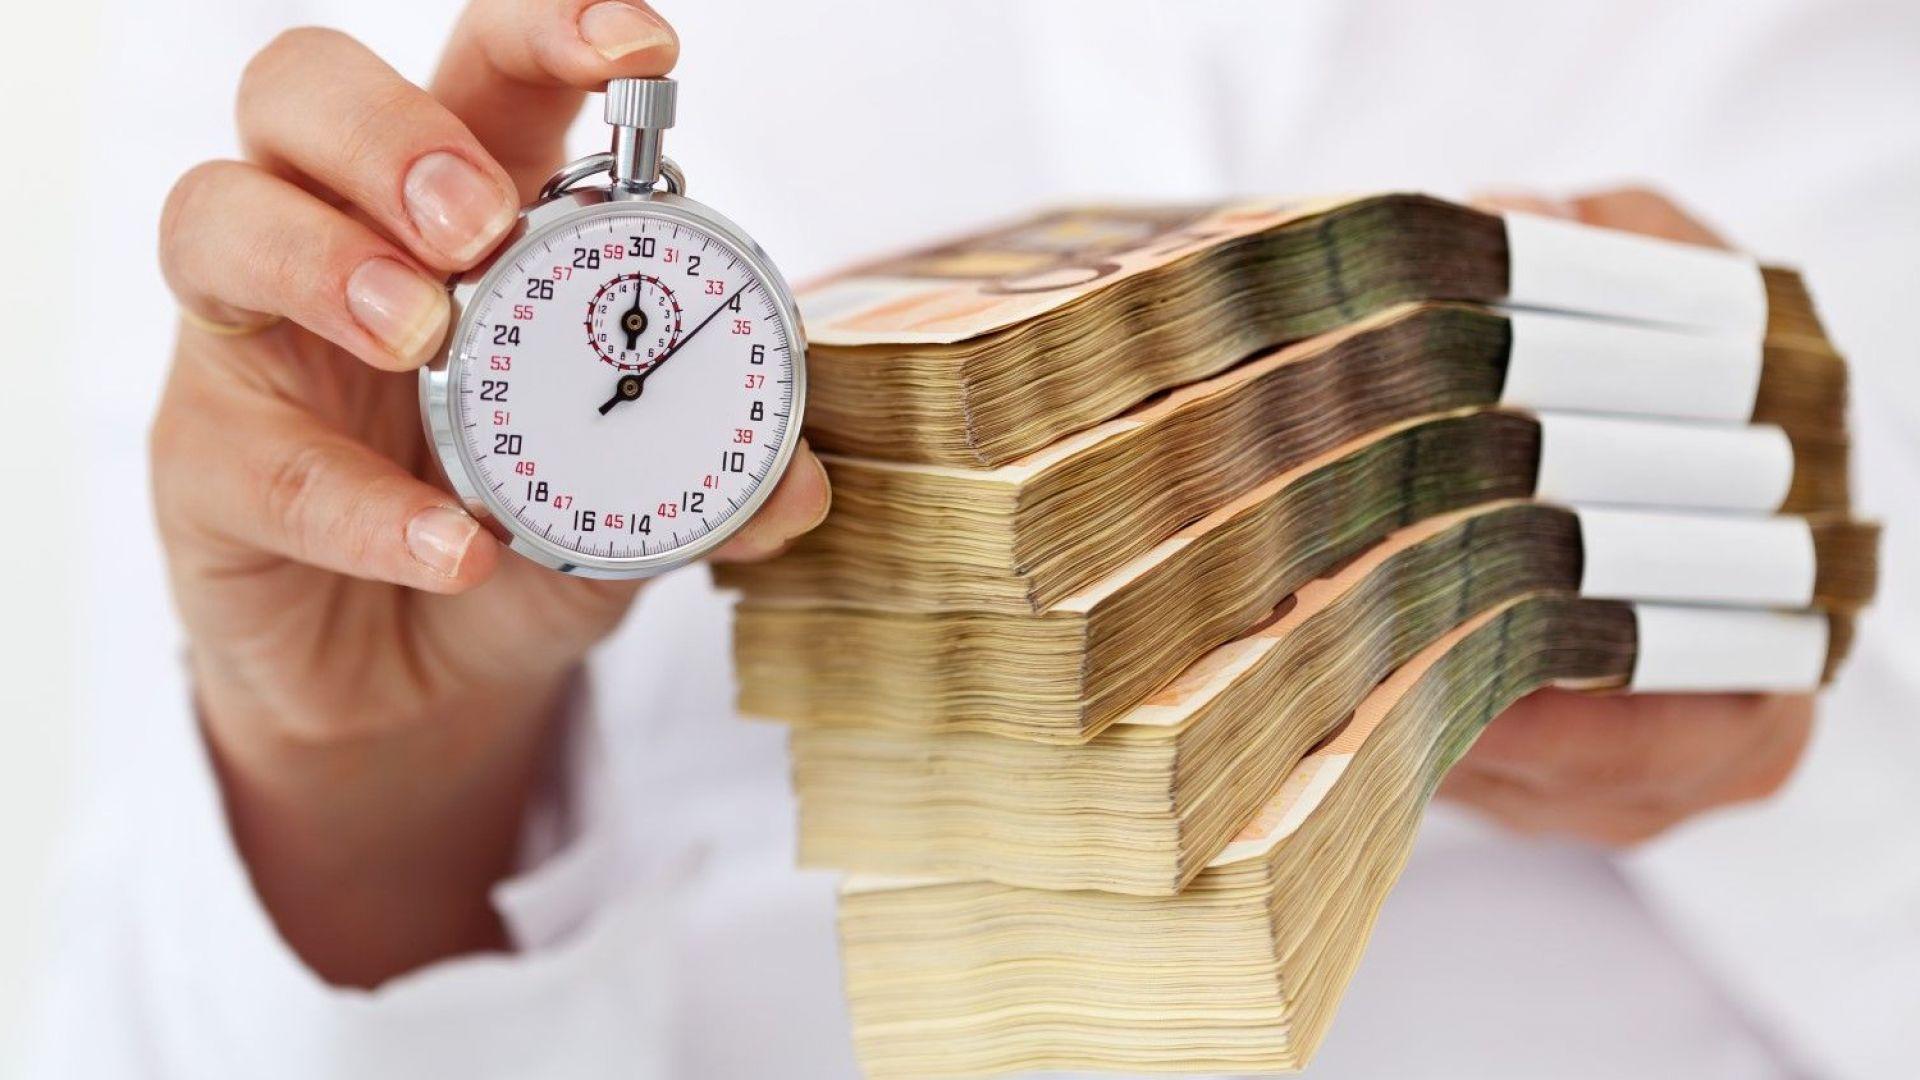 Снимка: Нова схема - мними банкери помагат при вноски за кредити